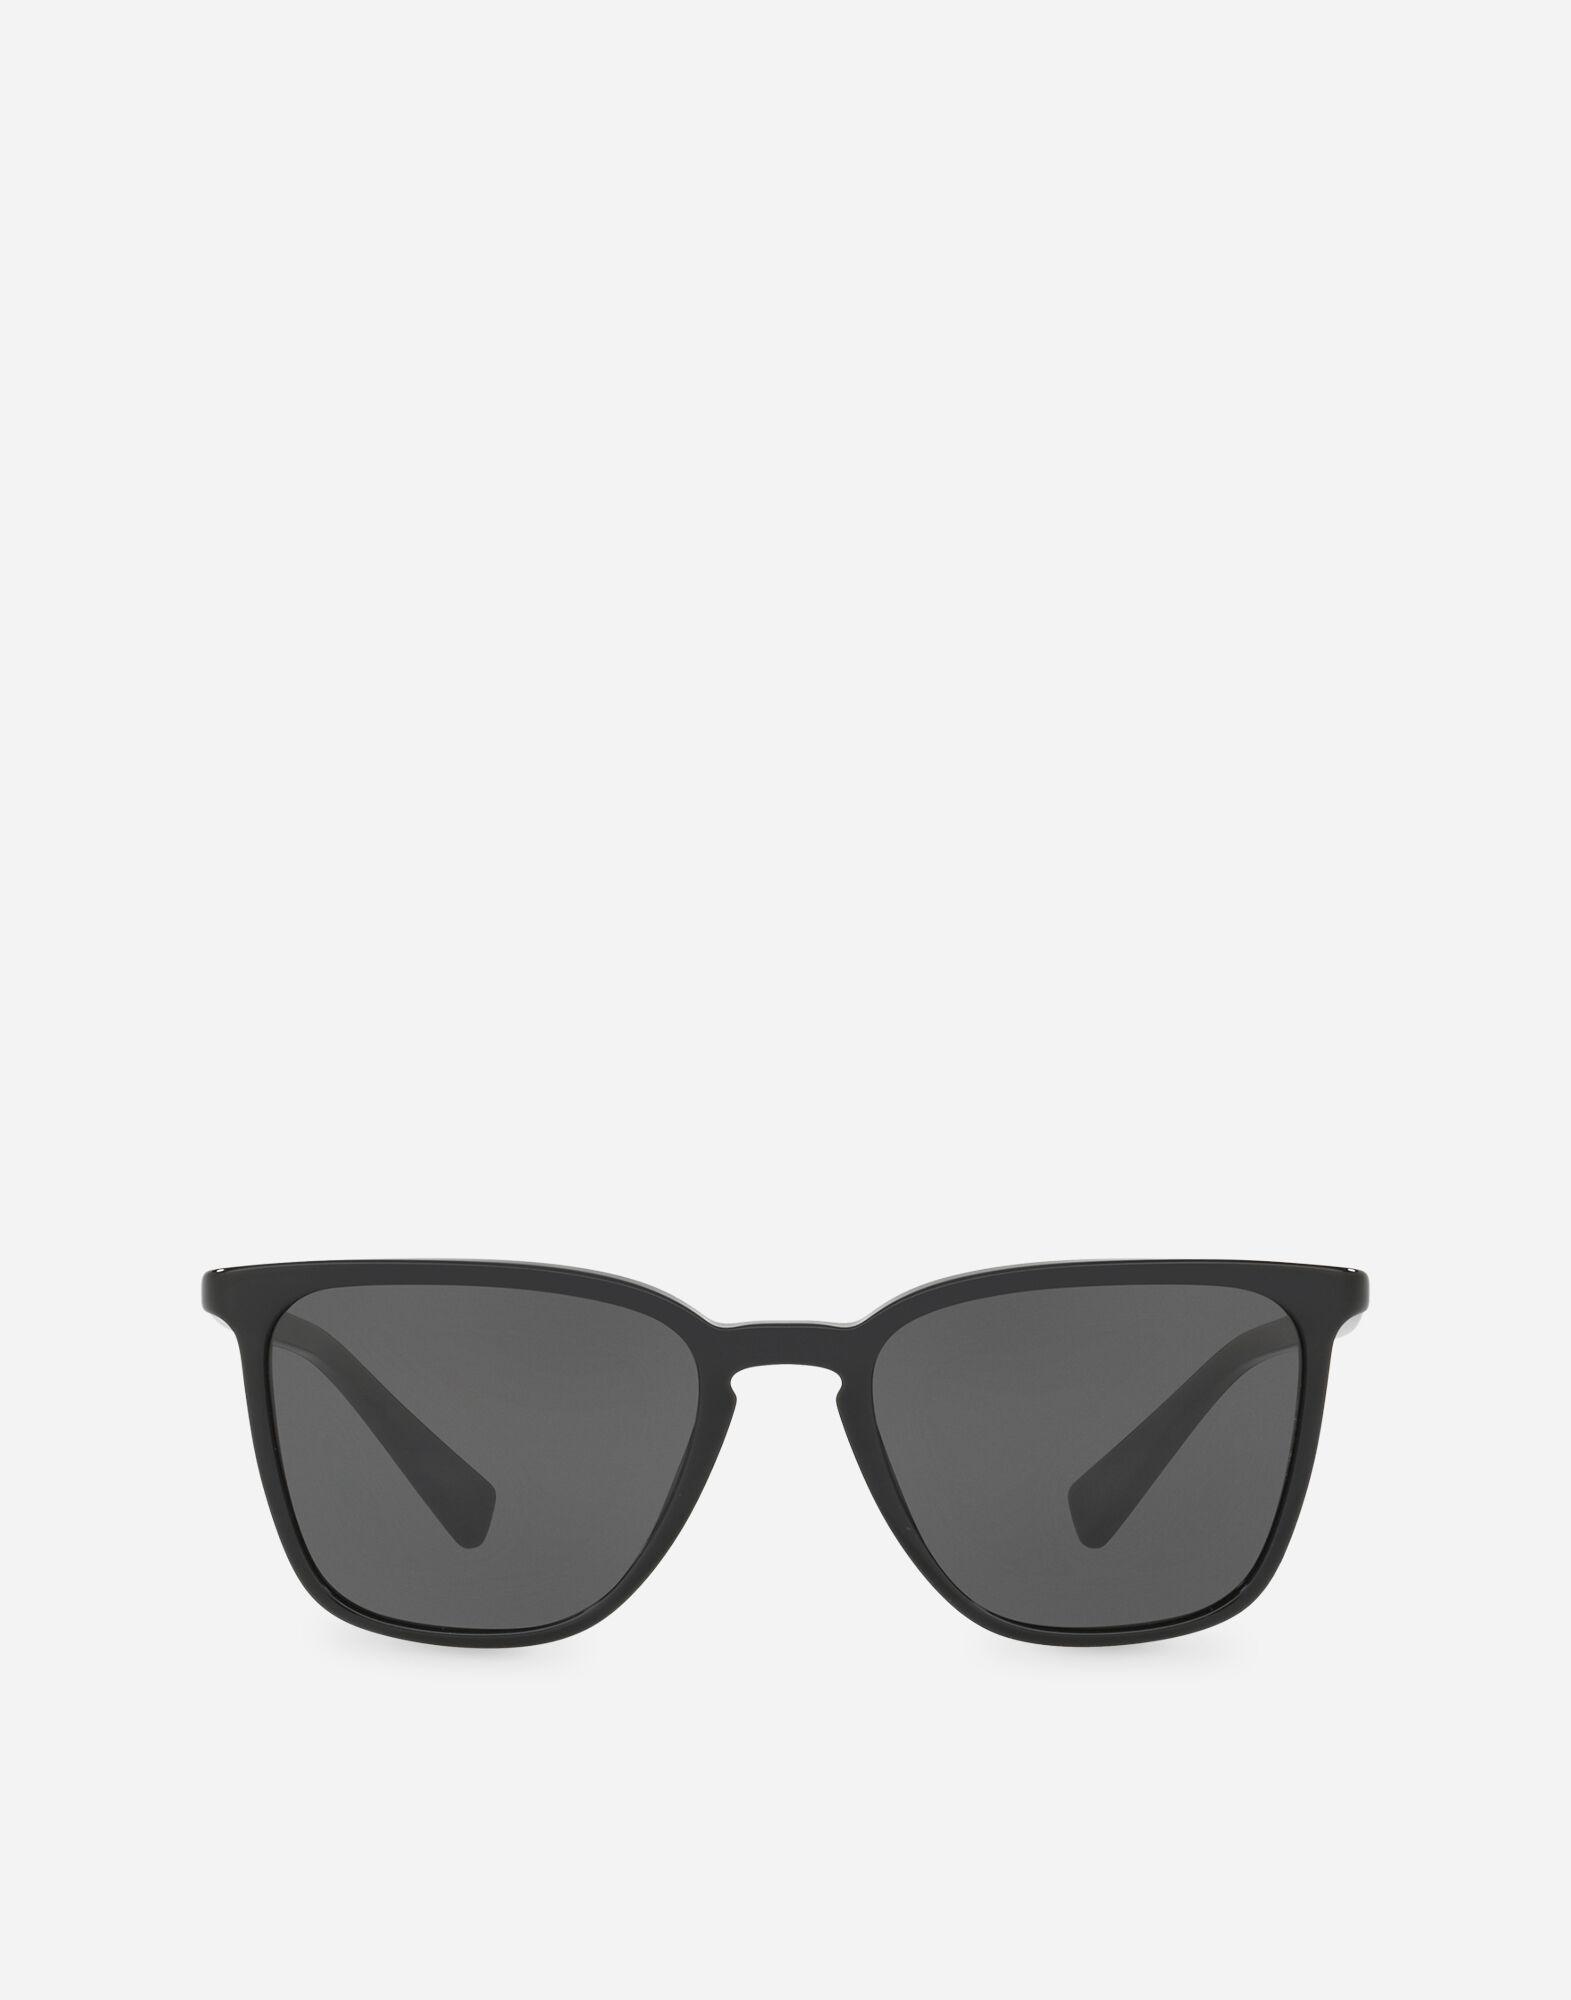 778f90205f4 Sunglasses Square Acetate Acetate MenDolce Acetate amp gabbana ...